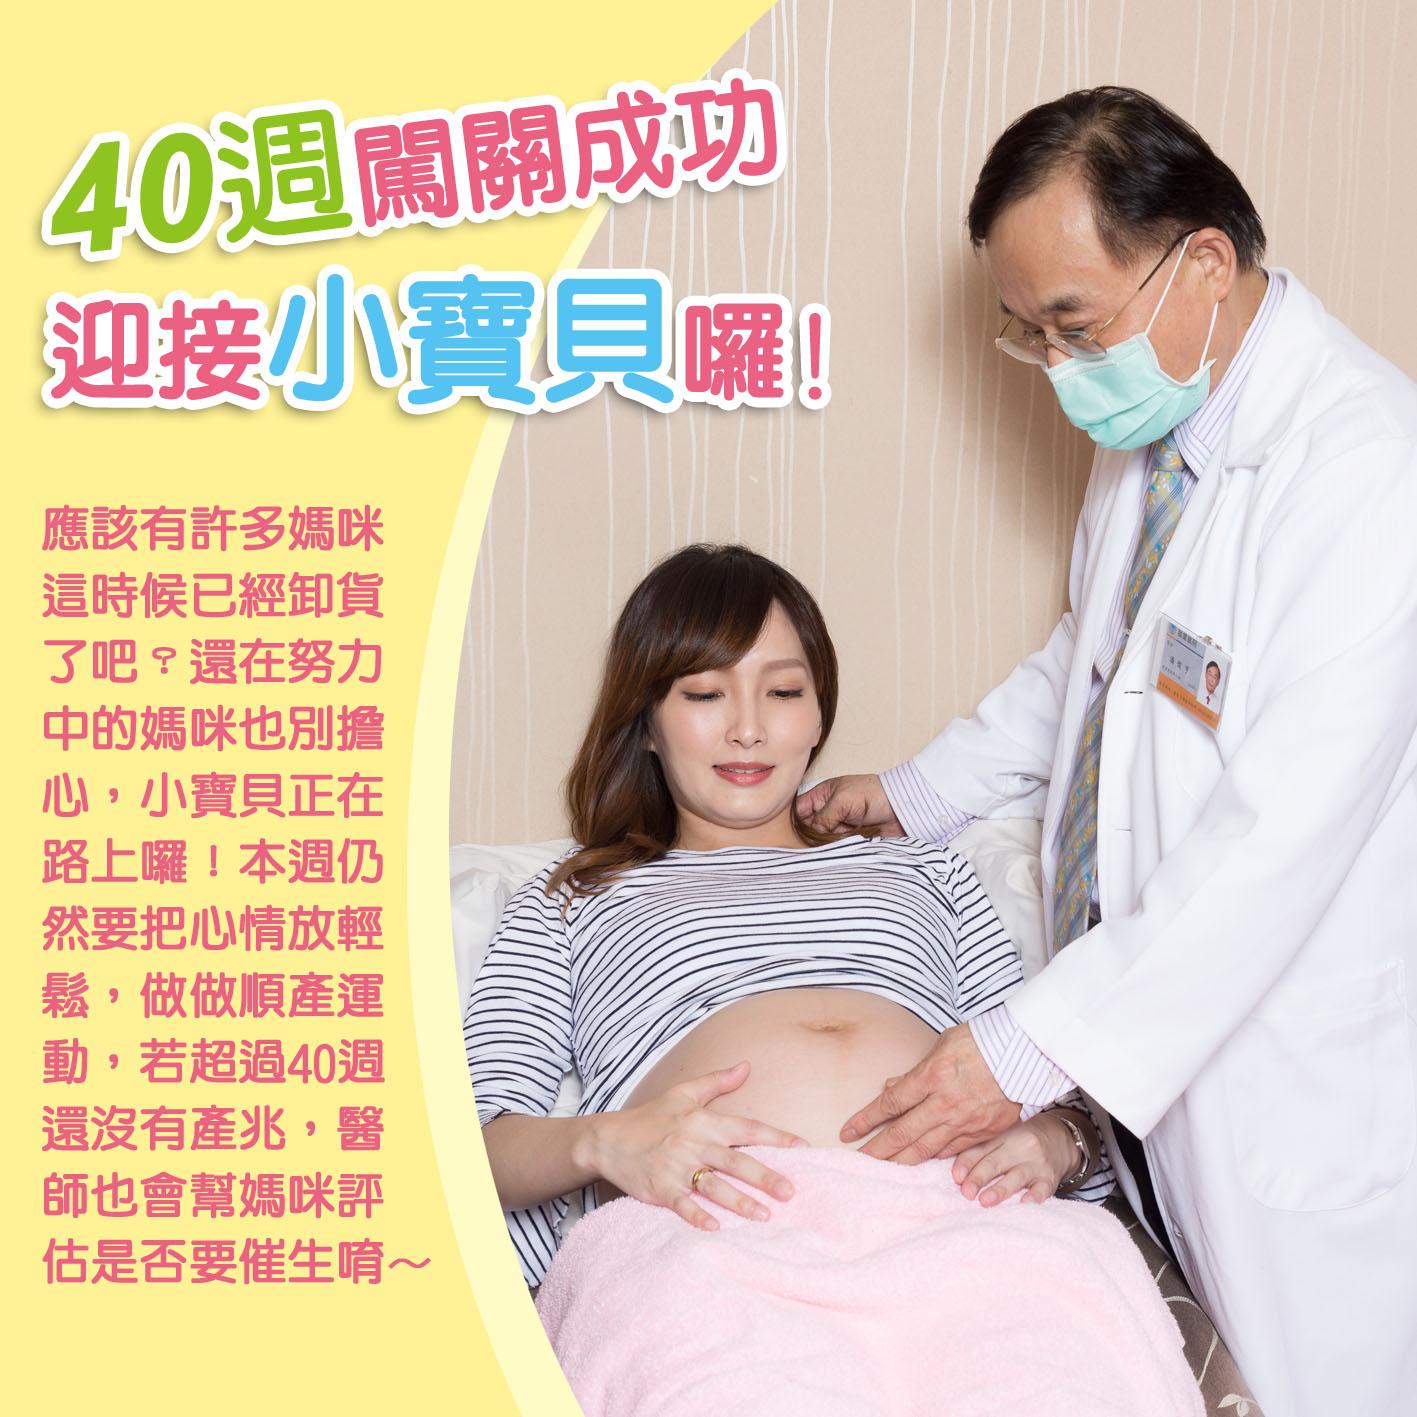 懷孕第40週-40週闖關成功 迎接小寶貝囉!